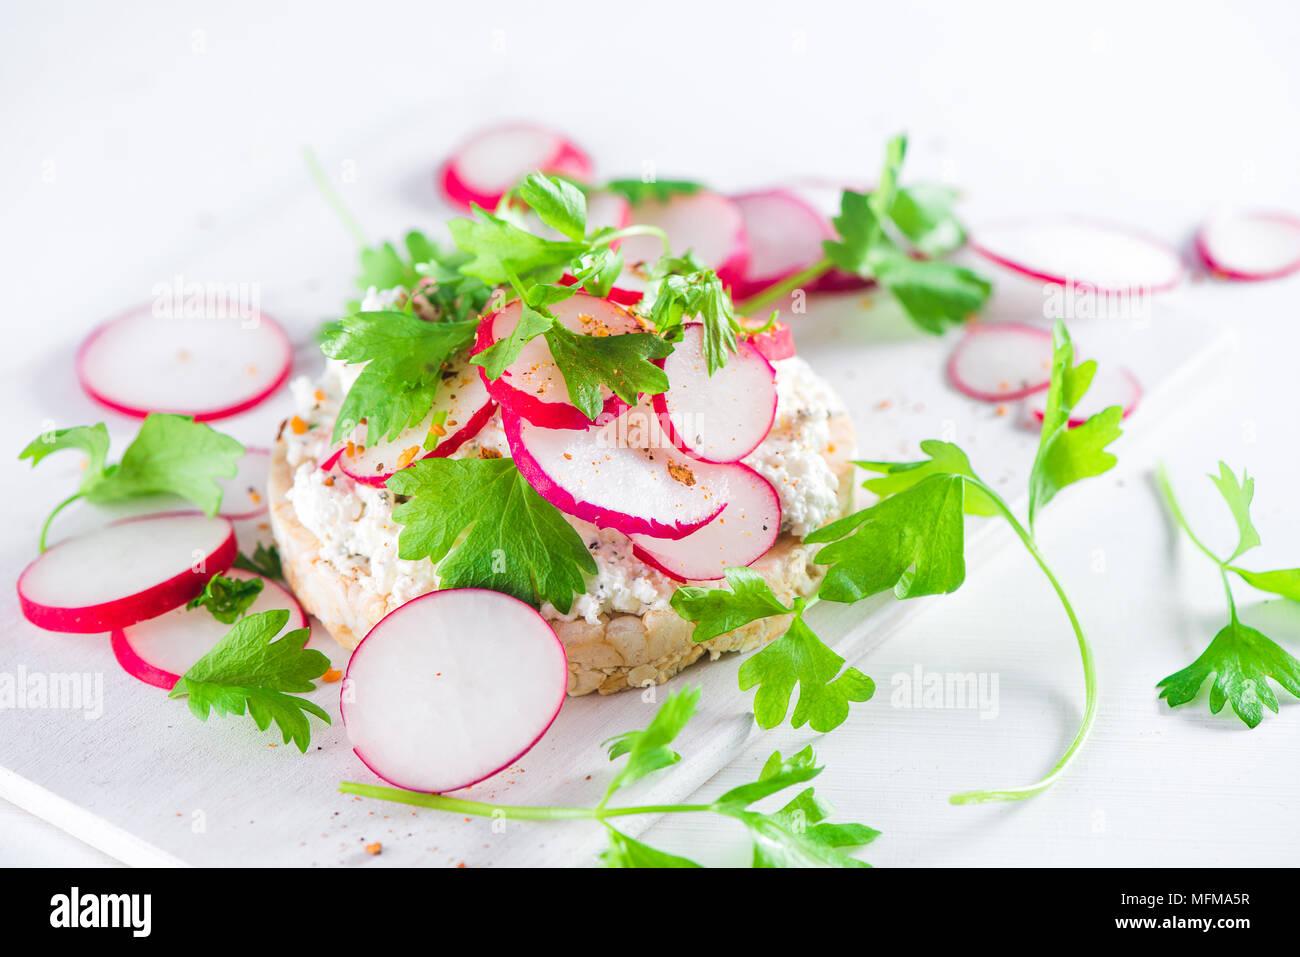 Collation santé, avec des tranches de pain, radis, persil, fromage cottage et le poivre. Petit-déjeuner simple concept en high key avec copie espace. Photo Stock